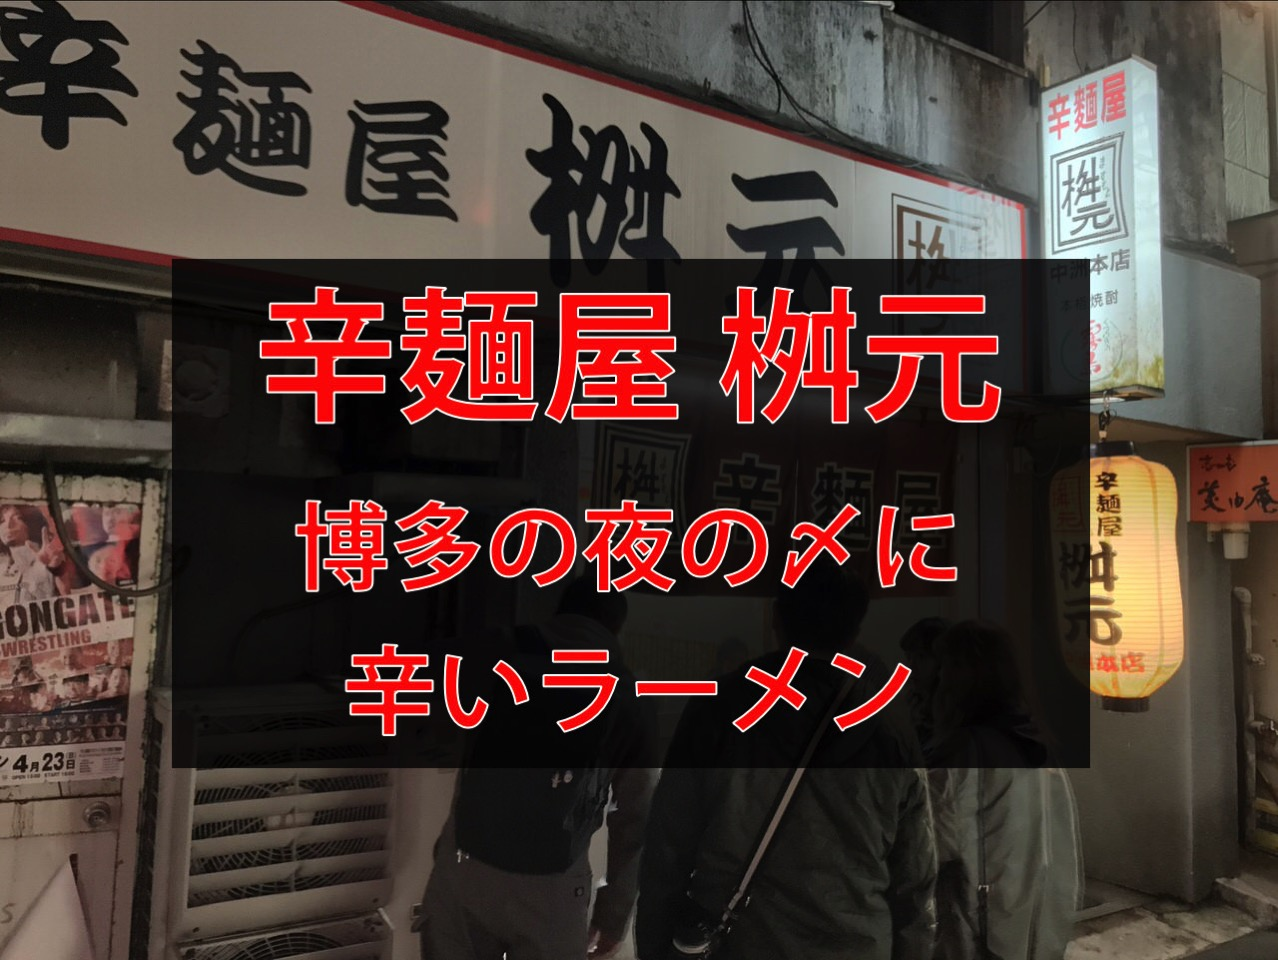 「辛麺屋 桝元」スーパー辛い25倍まで選べるラーメン店